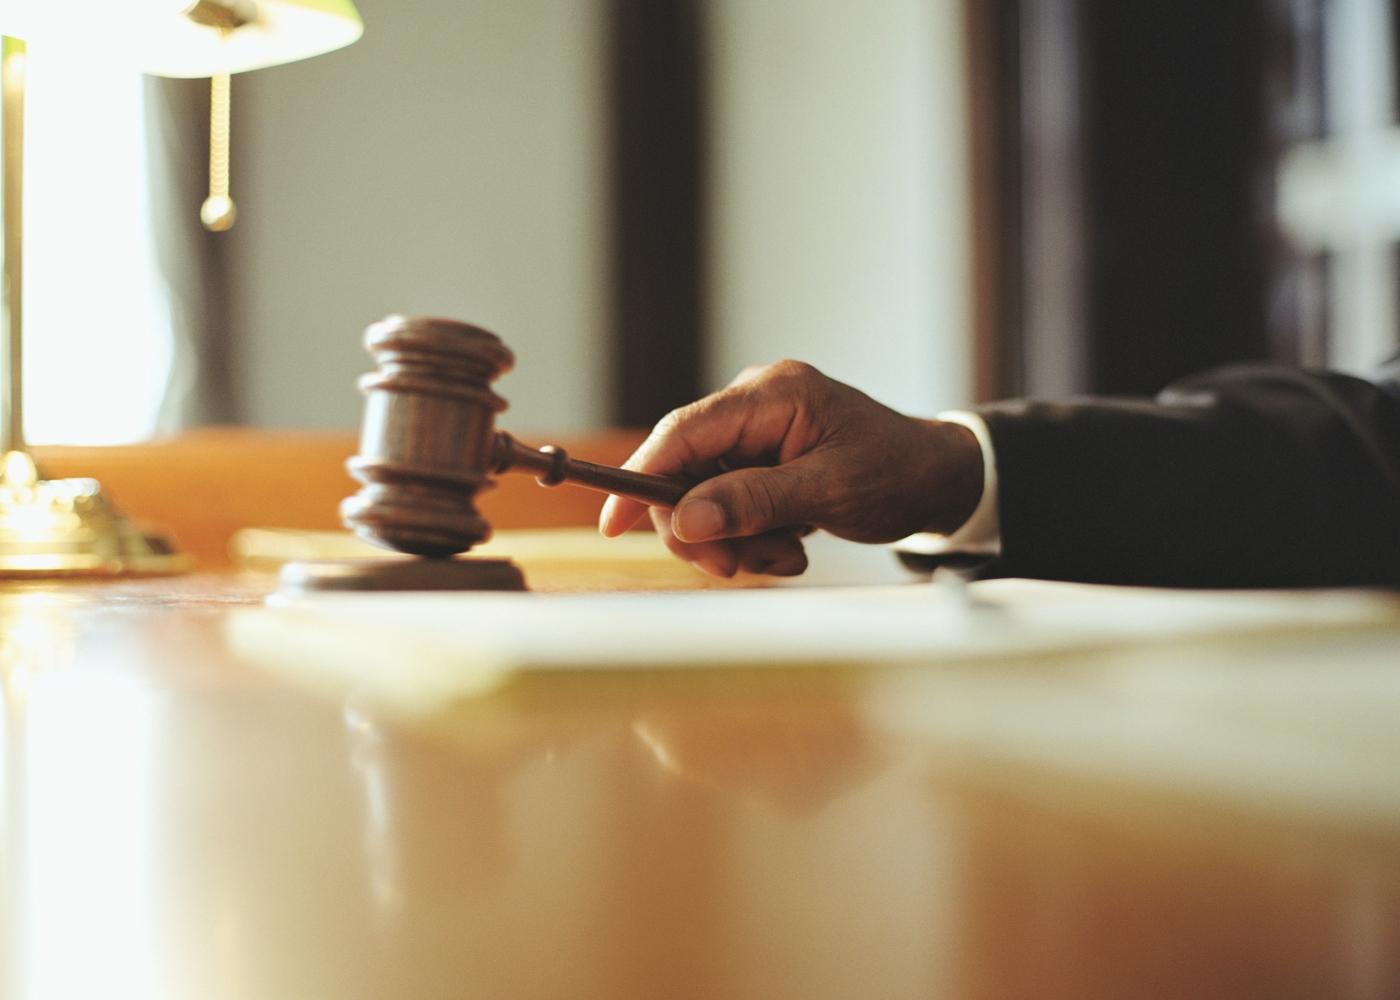 juiz com a mão no martelo no tribunal